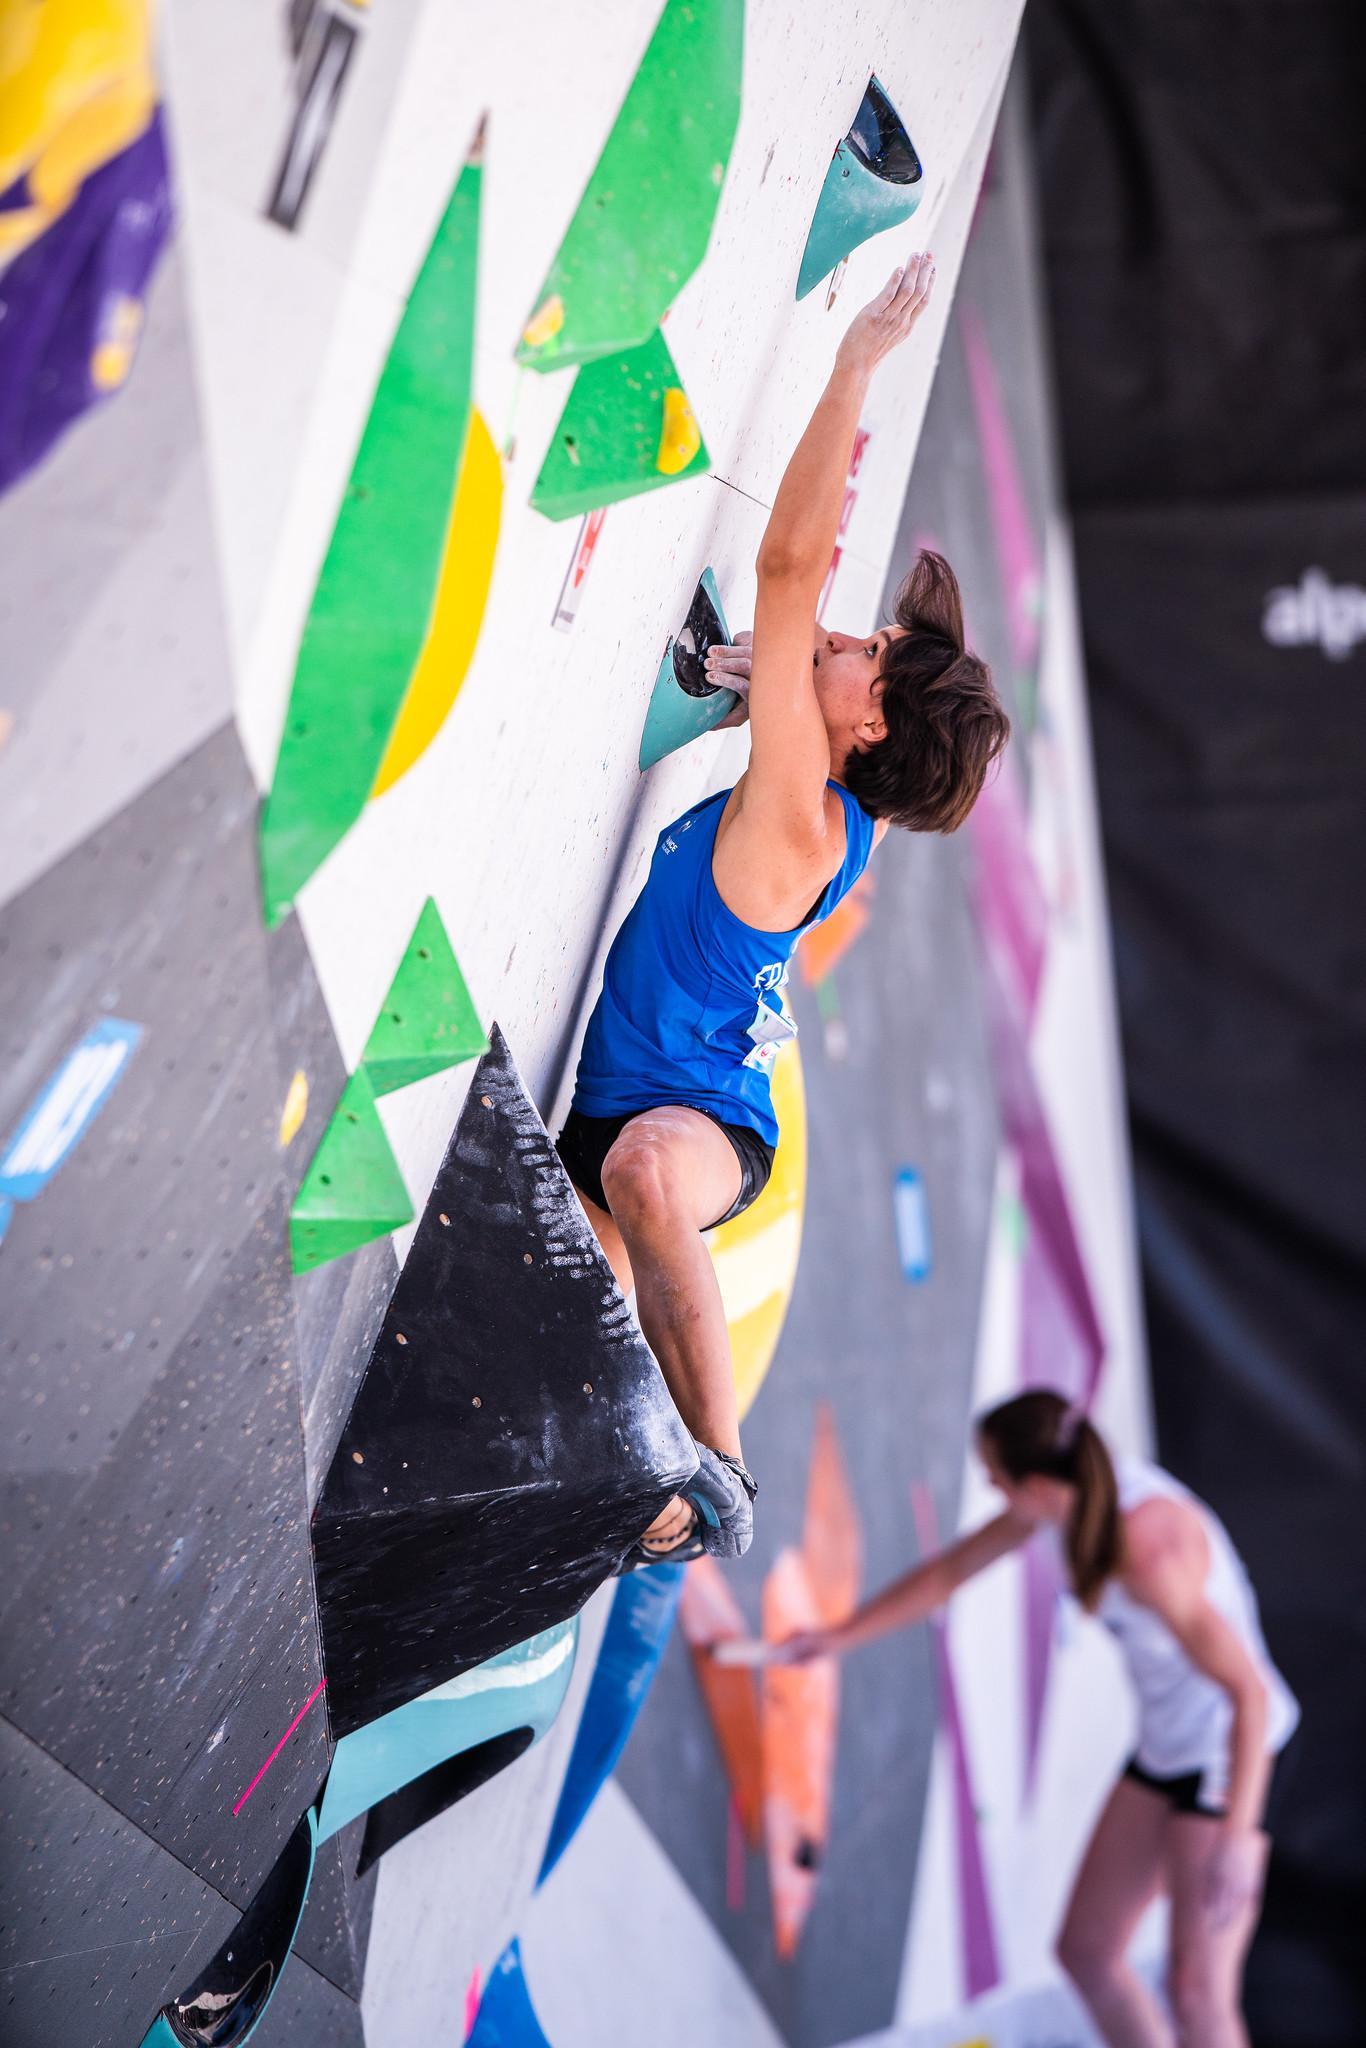 Interview d'Oriane Bertone en vue des Championnats du monde d'escalade 2021. Notre jeune athlète nous livre ses impressions avant de disputer cette compétition très attendue